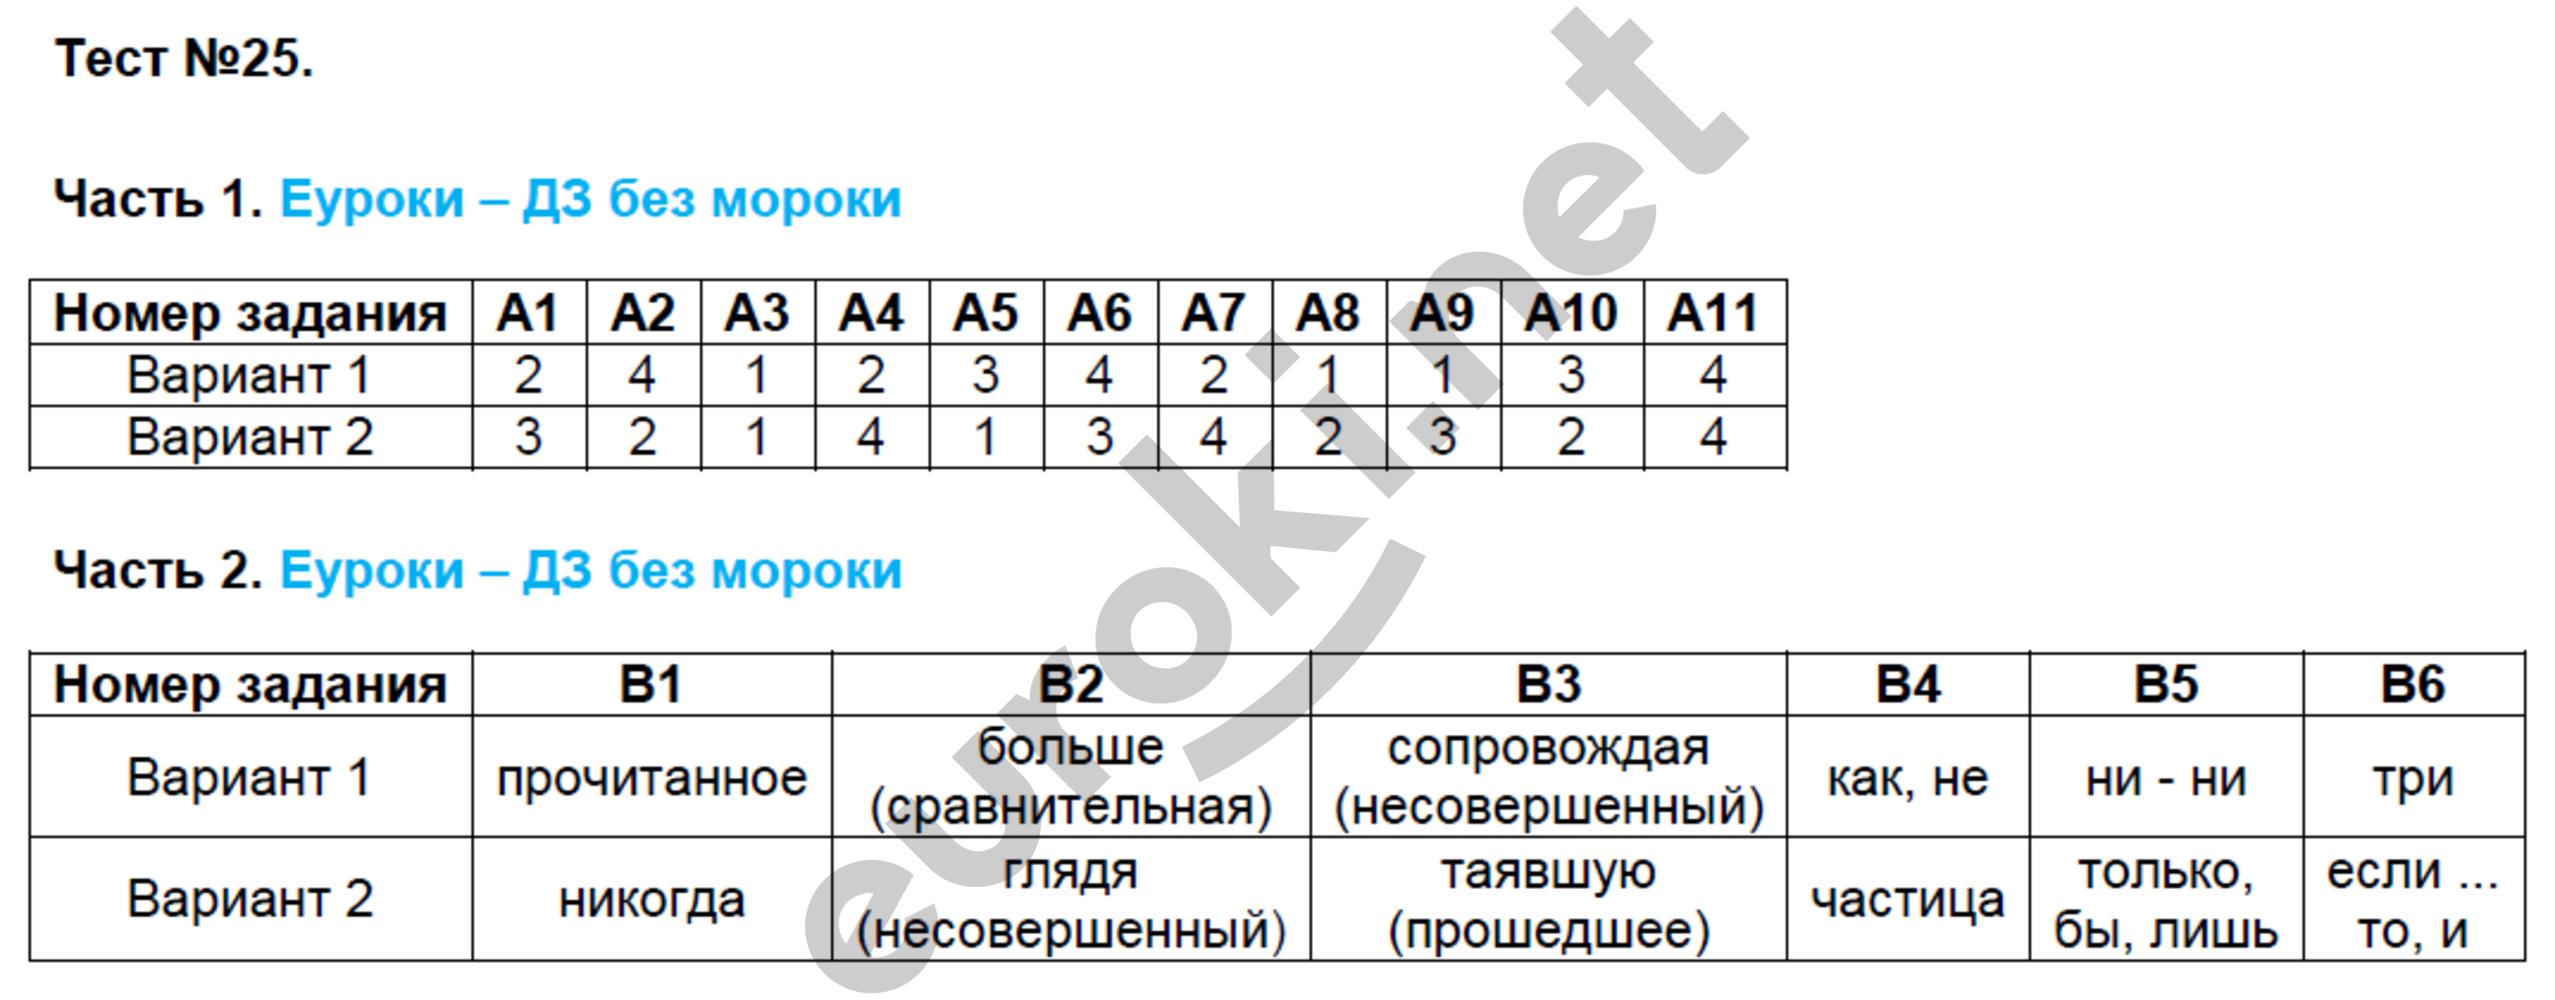 ГДЗ по русскому языку 7 класс контрольно-измерительные материалы Егорова. Задание: Тест 25